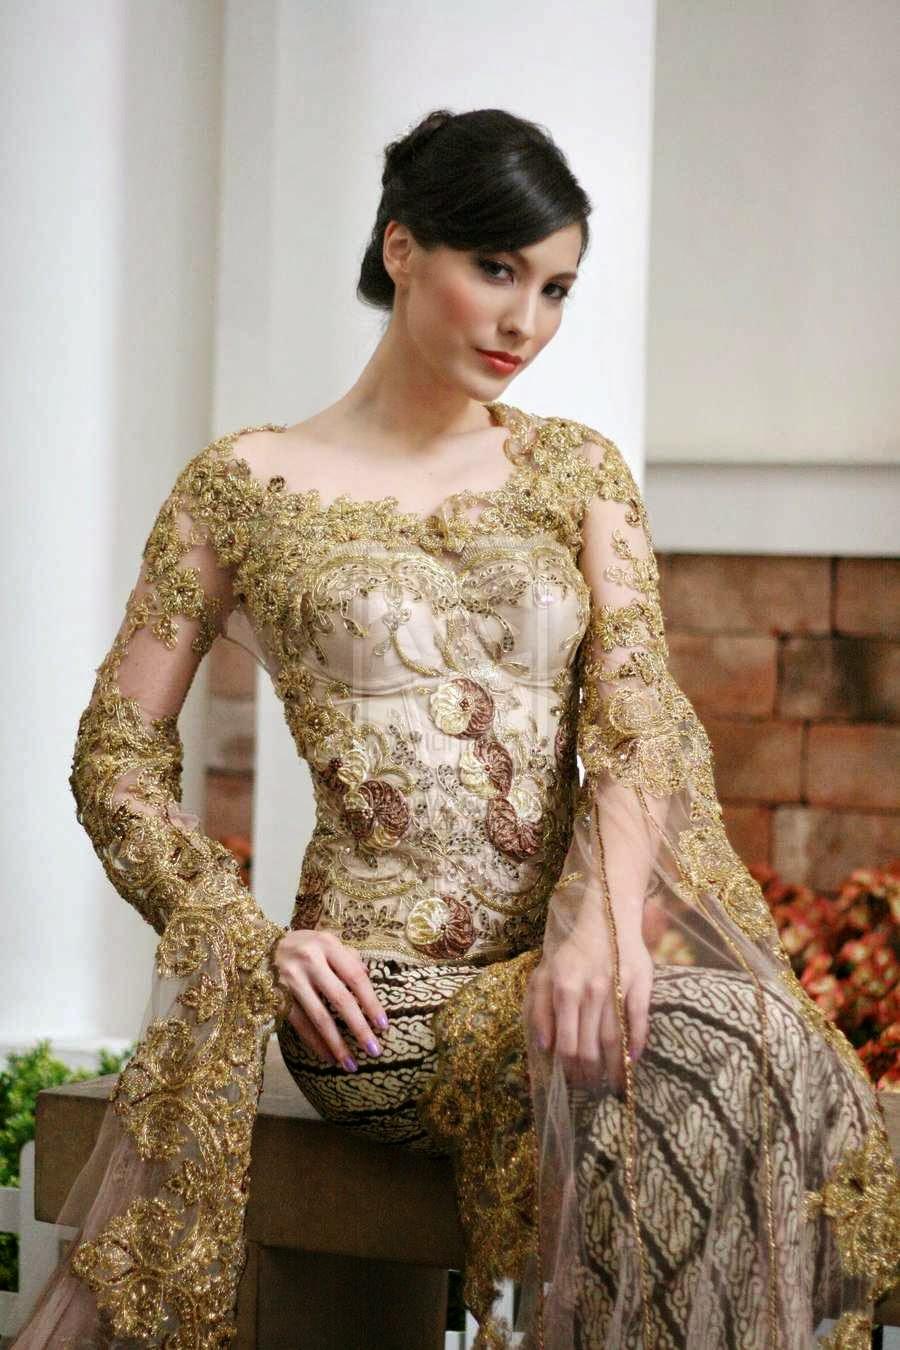 Baju Kebaya Pengantin Modern dengan Warna Gold dan Coklat